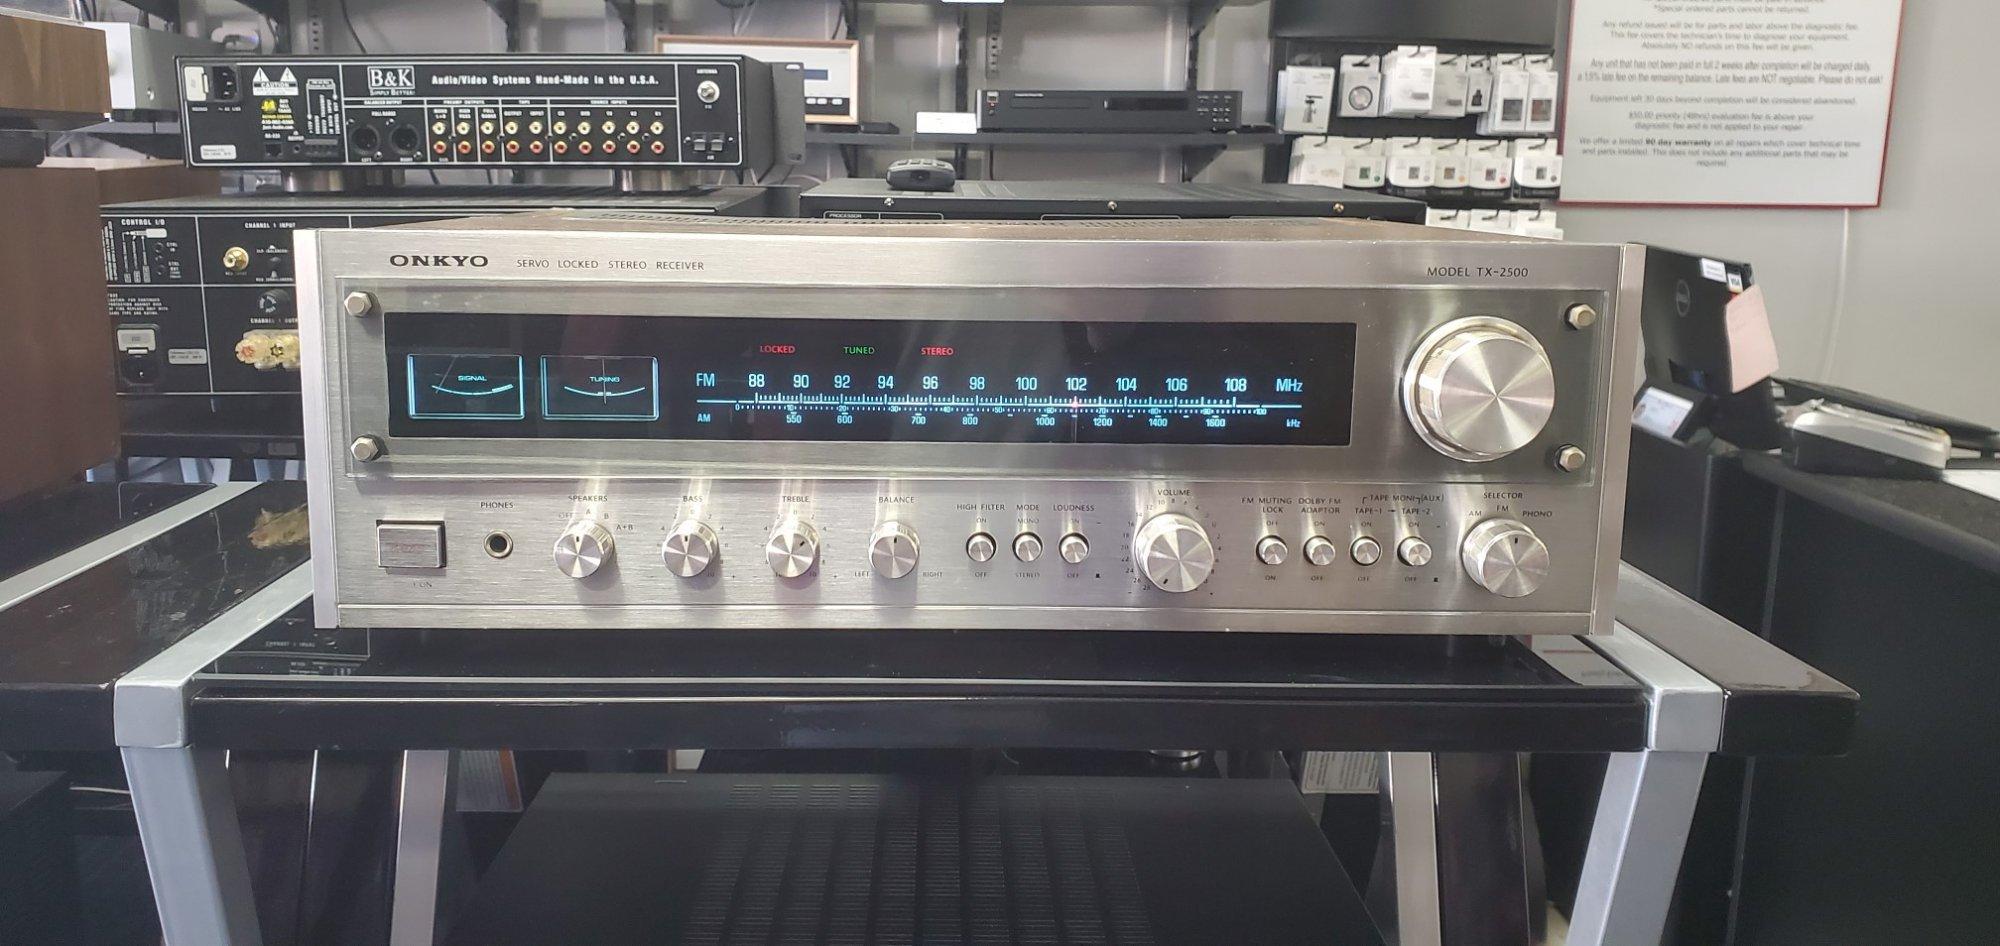 Onkyo Tx-2500 (27W/Ch)